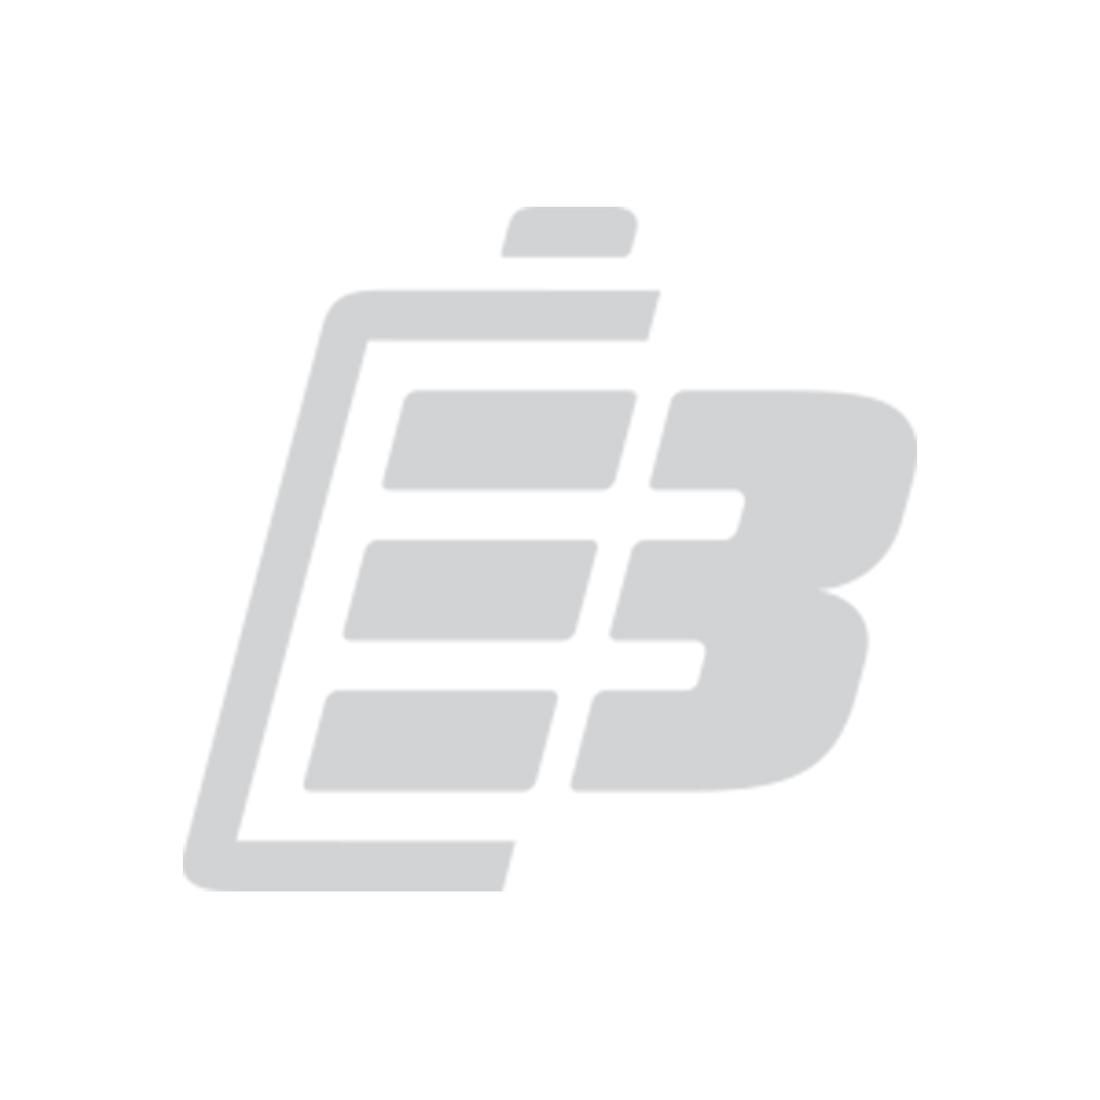 Fenix Arb L3 18650 Cc Battery 7800mah Protection Circuit Images 1